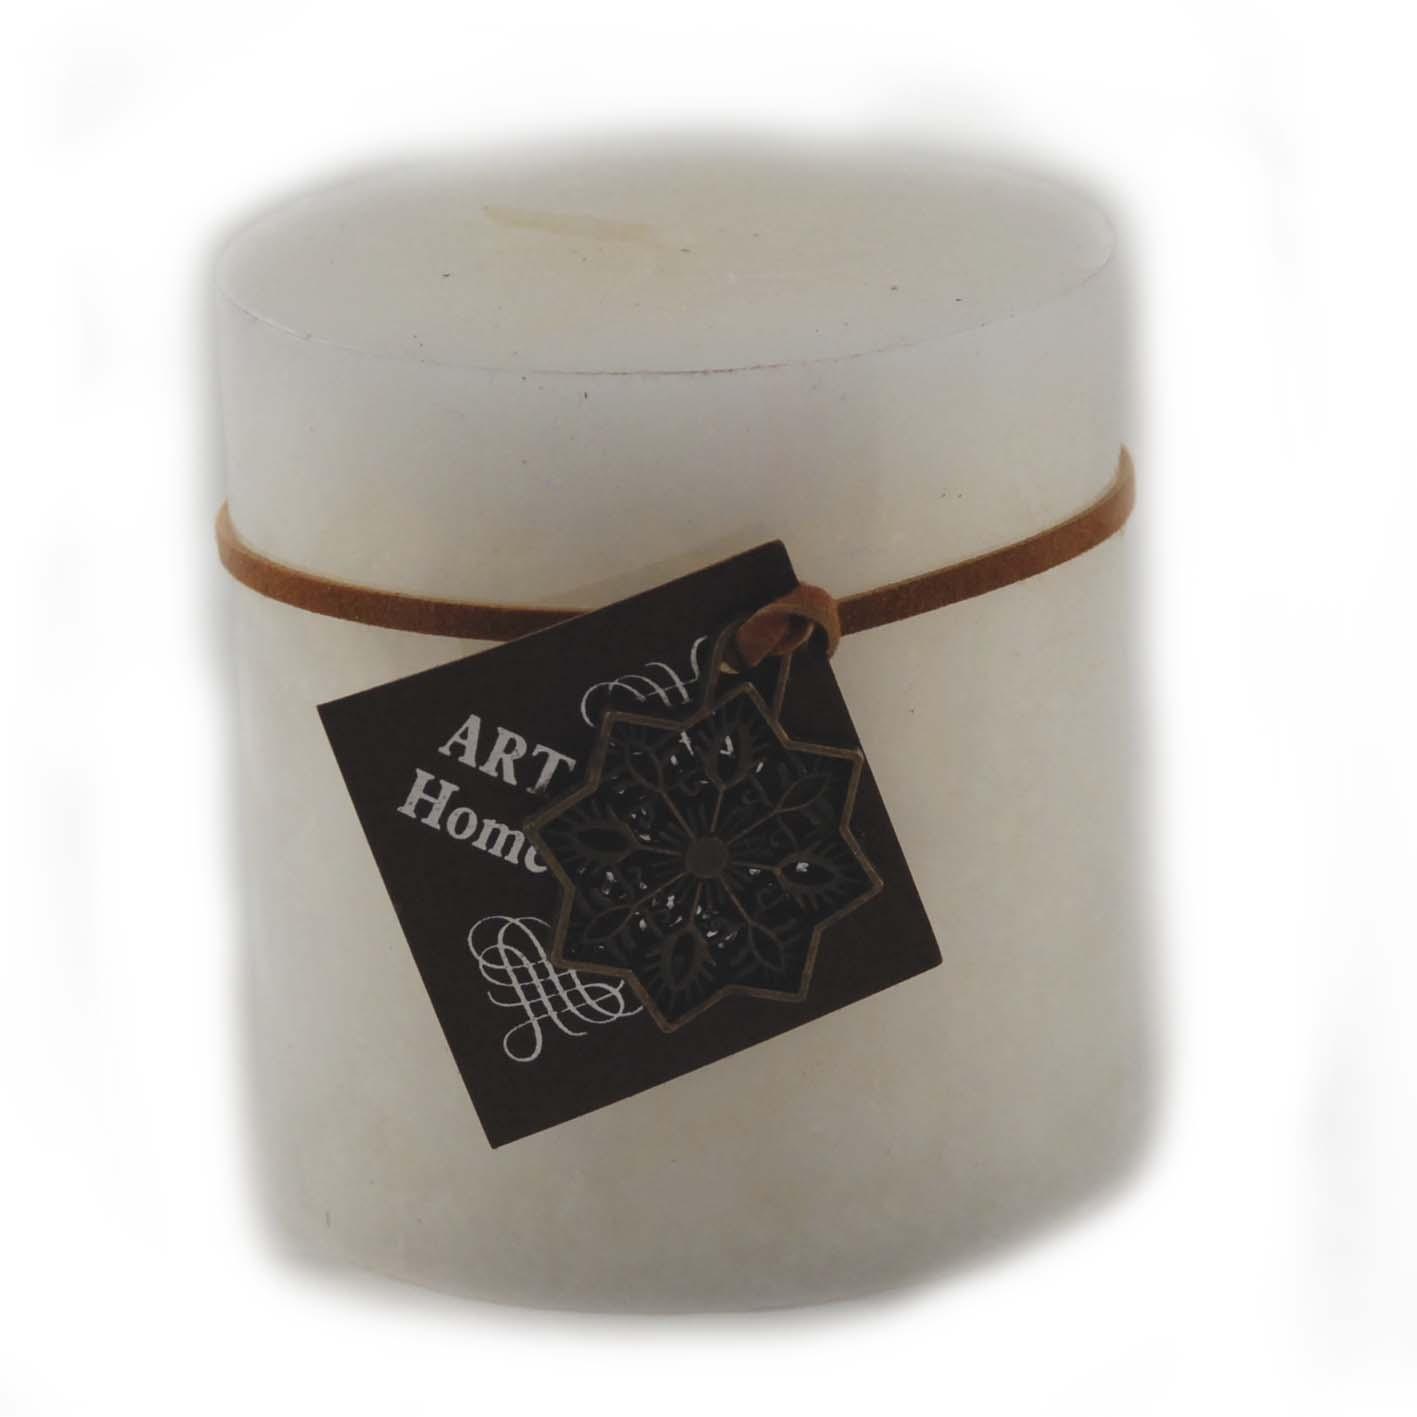 Hyggelige Atmposphäre mit Kerzenschein